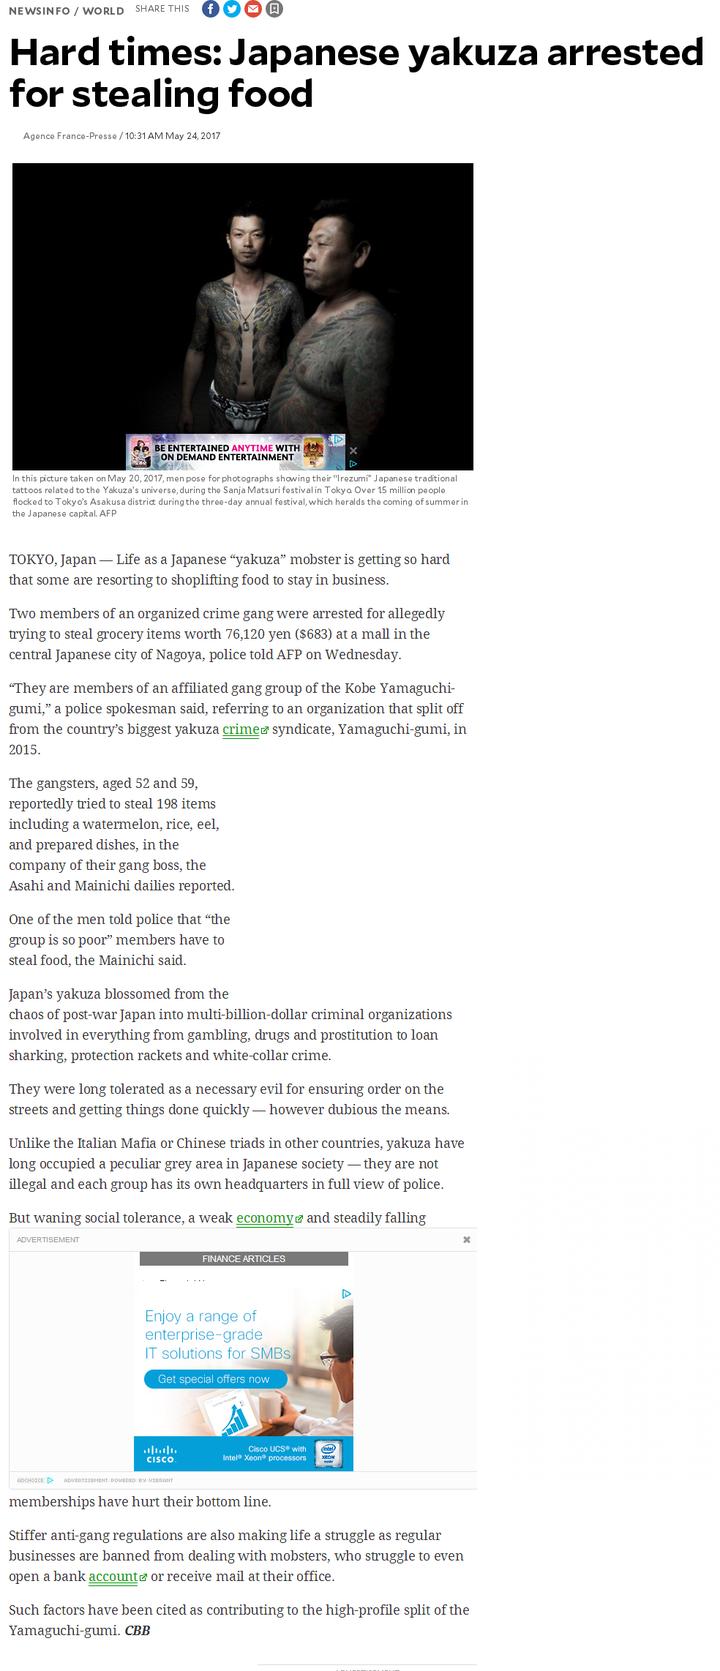 """曾年入800亿美刀的日本山口组""""日薄西山"""",三名干部做""""小偷""""竟是为了""""组织生存""""!-激流网"""